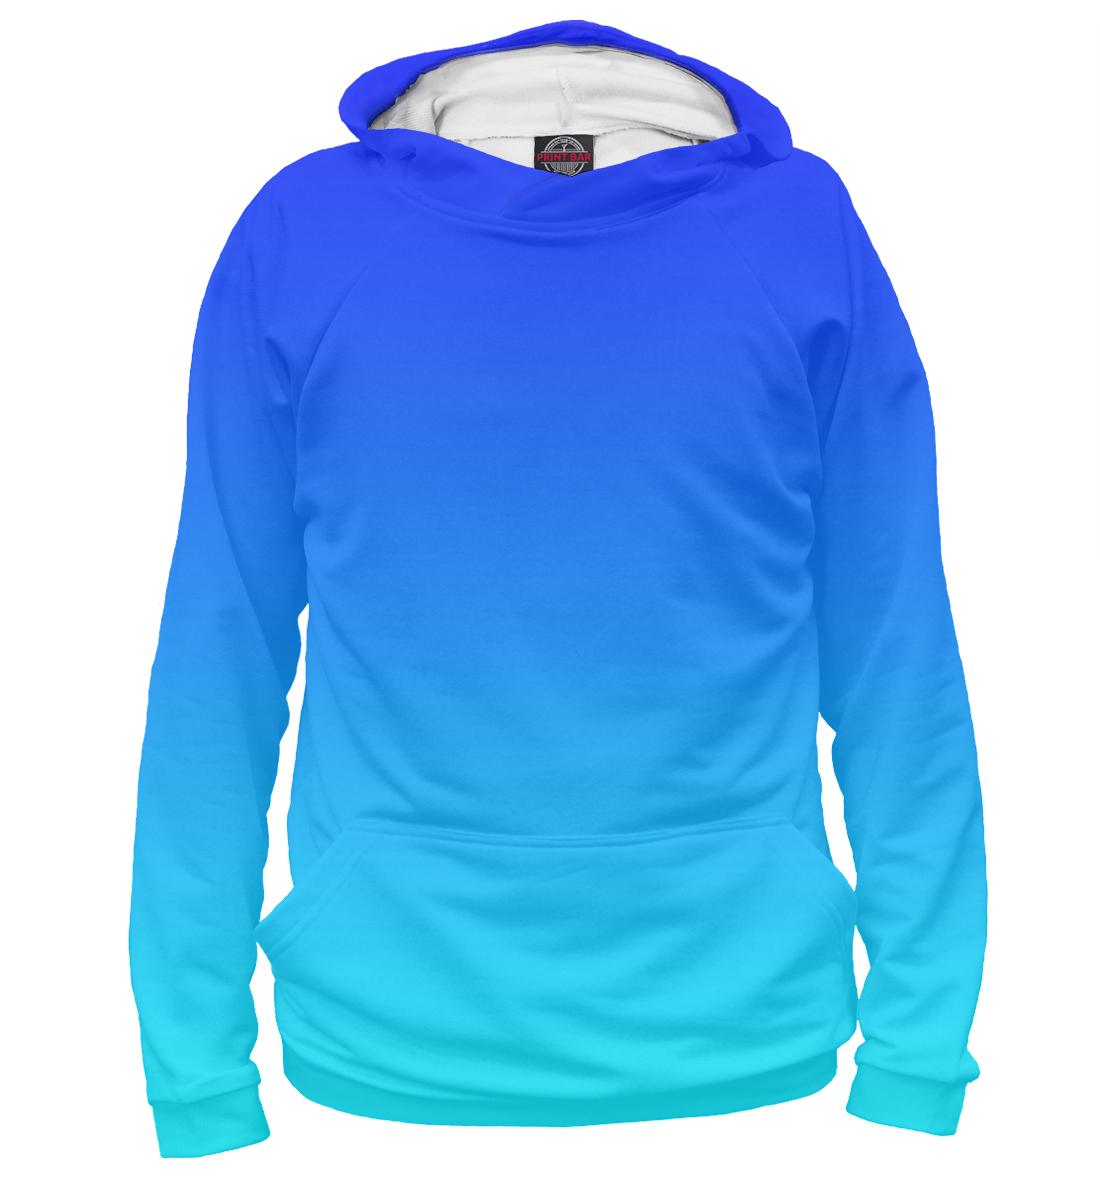 Купить Градиент: Синий в Голубой, Printbar, Худи, CLR-742572-hud-1